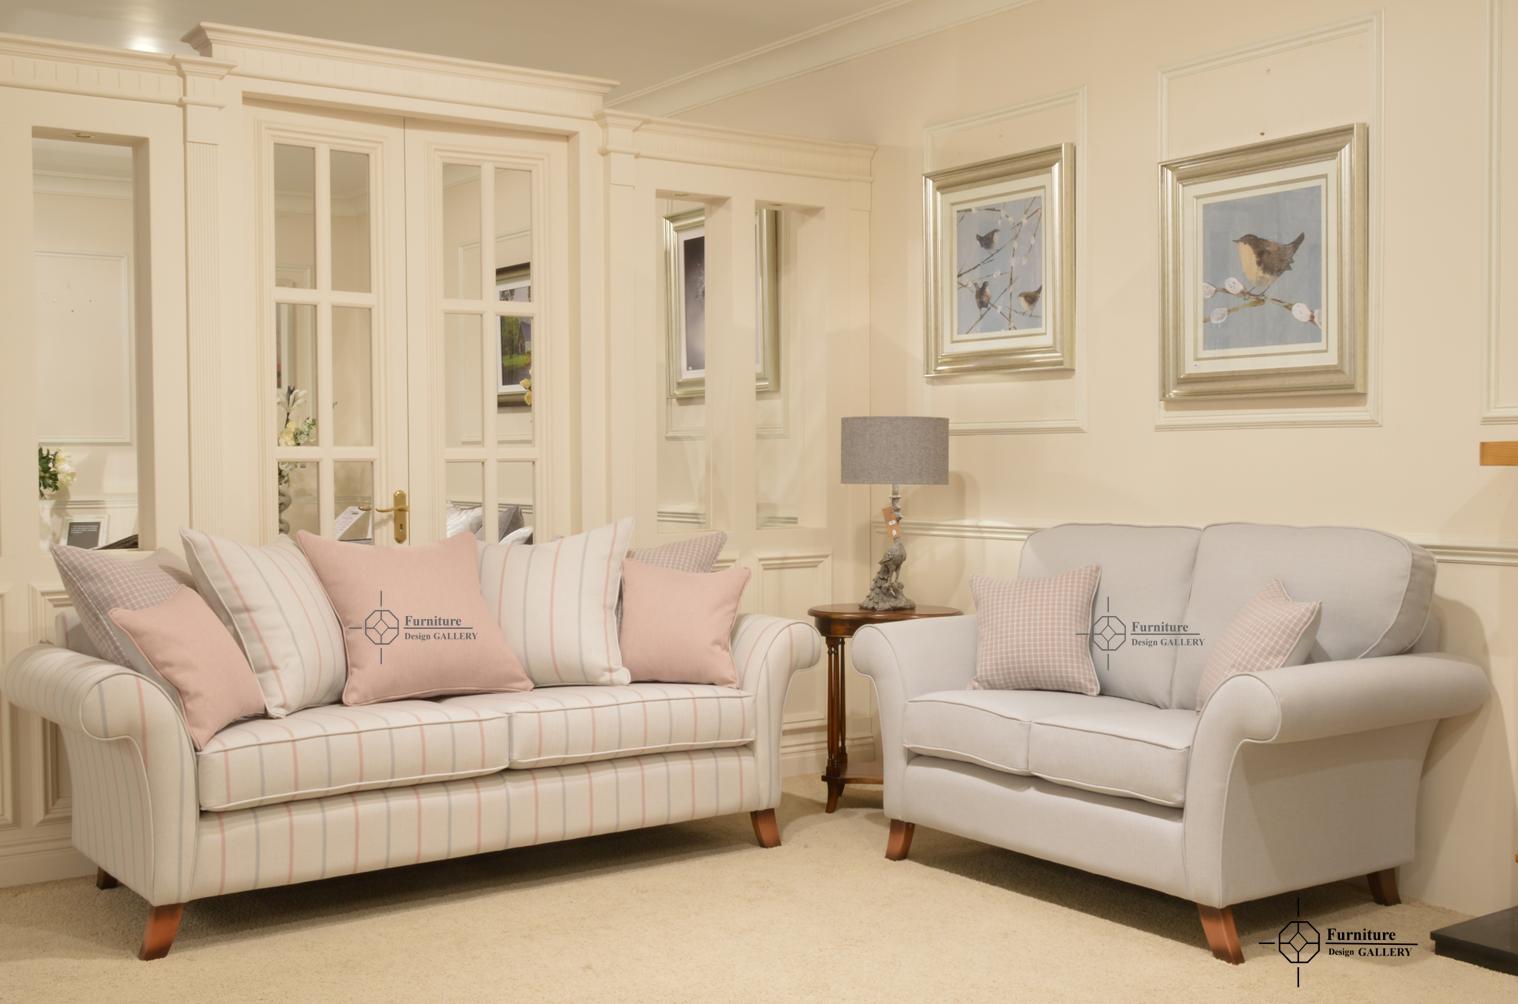 Furniture Design Gallery Louisburg 4Str + 2Str